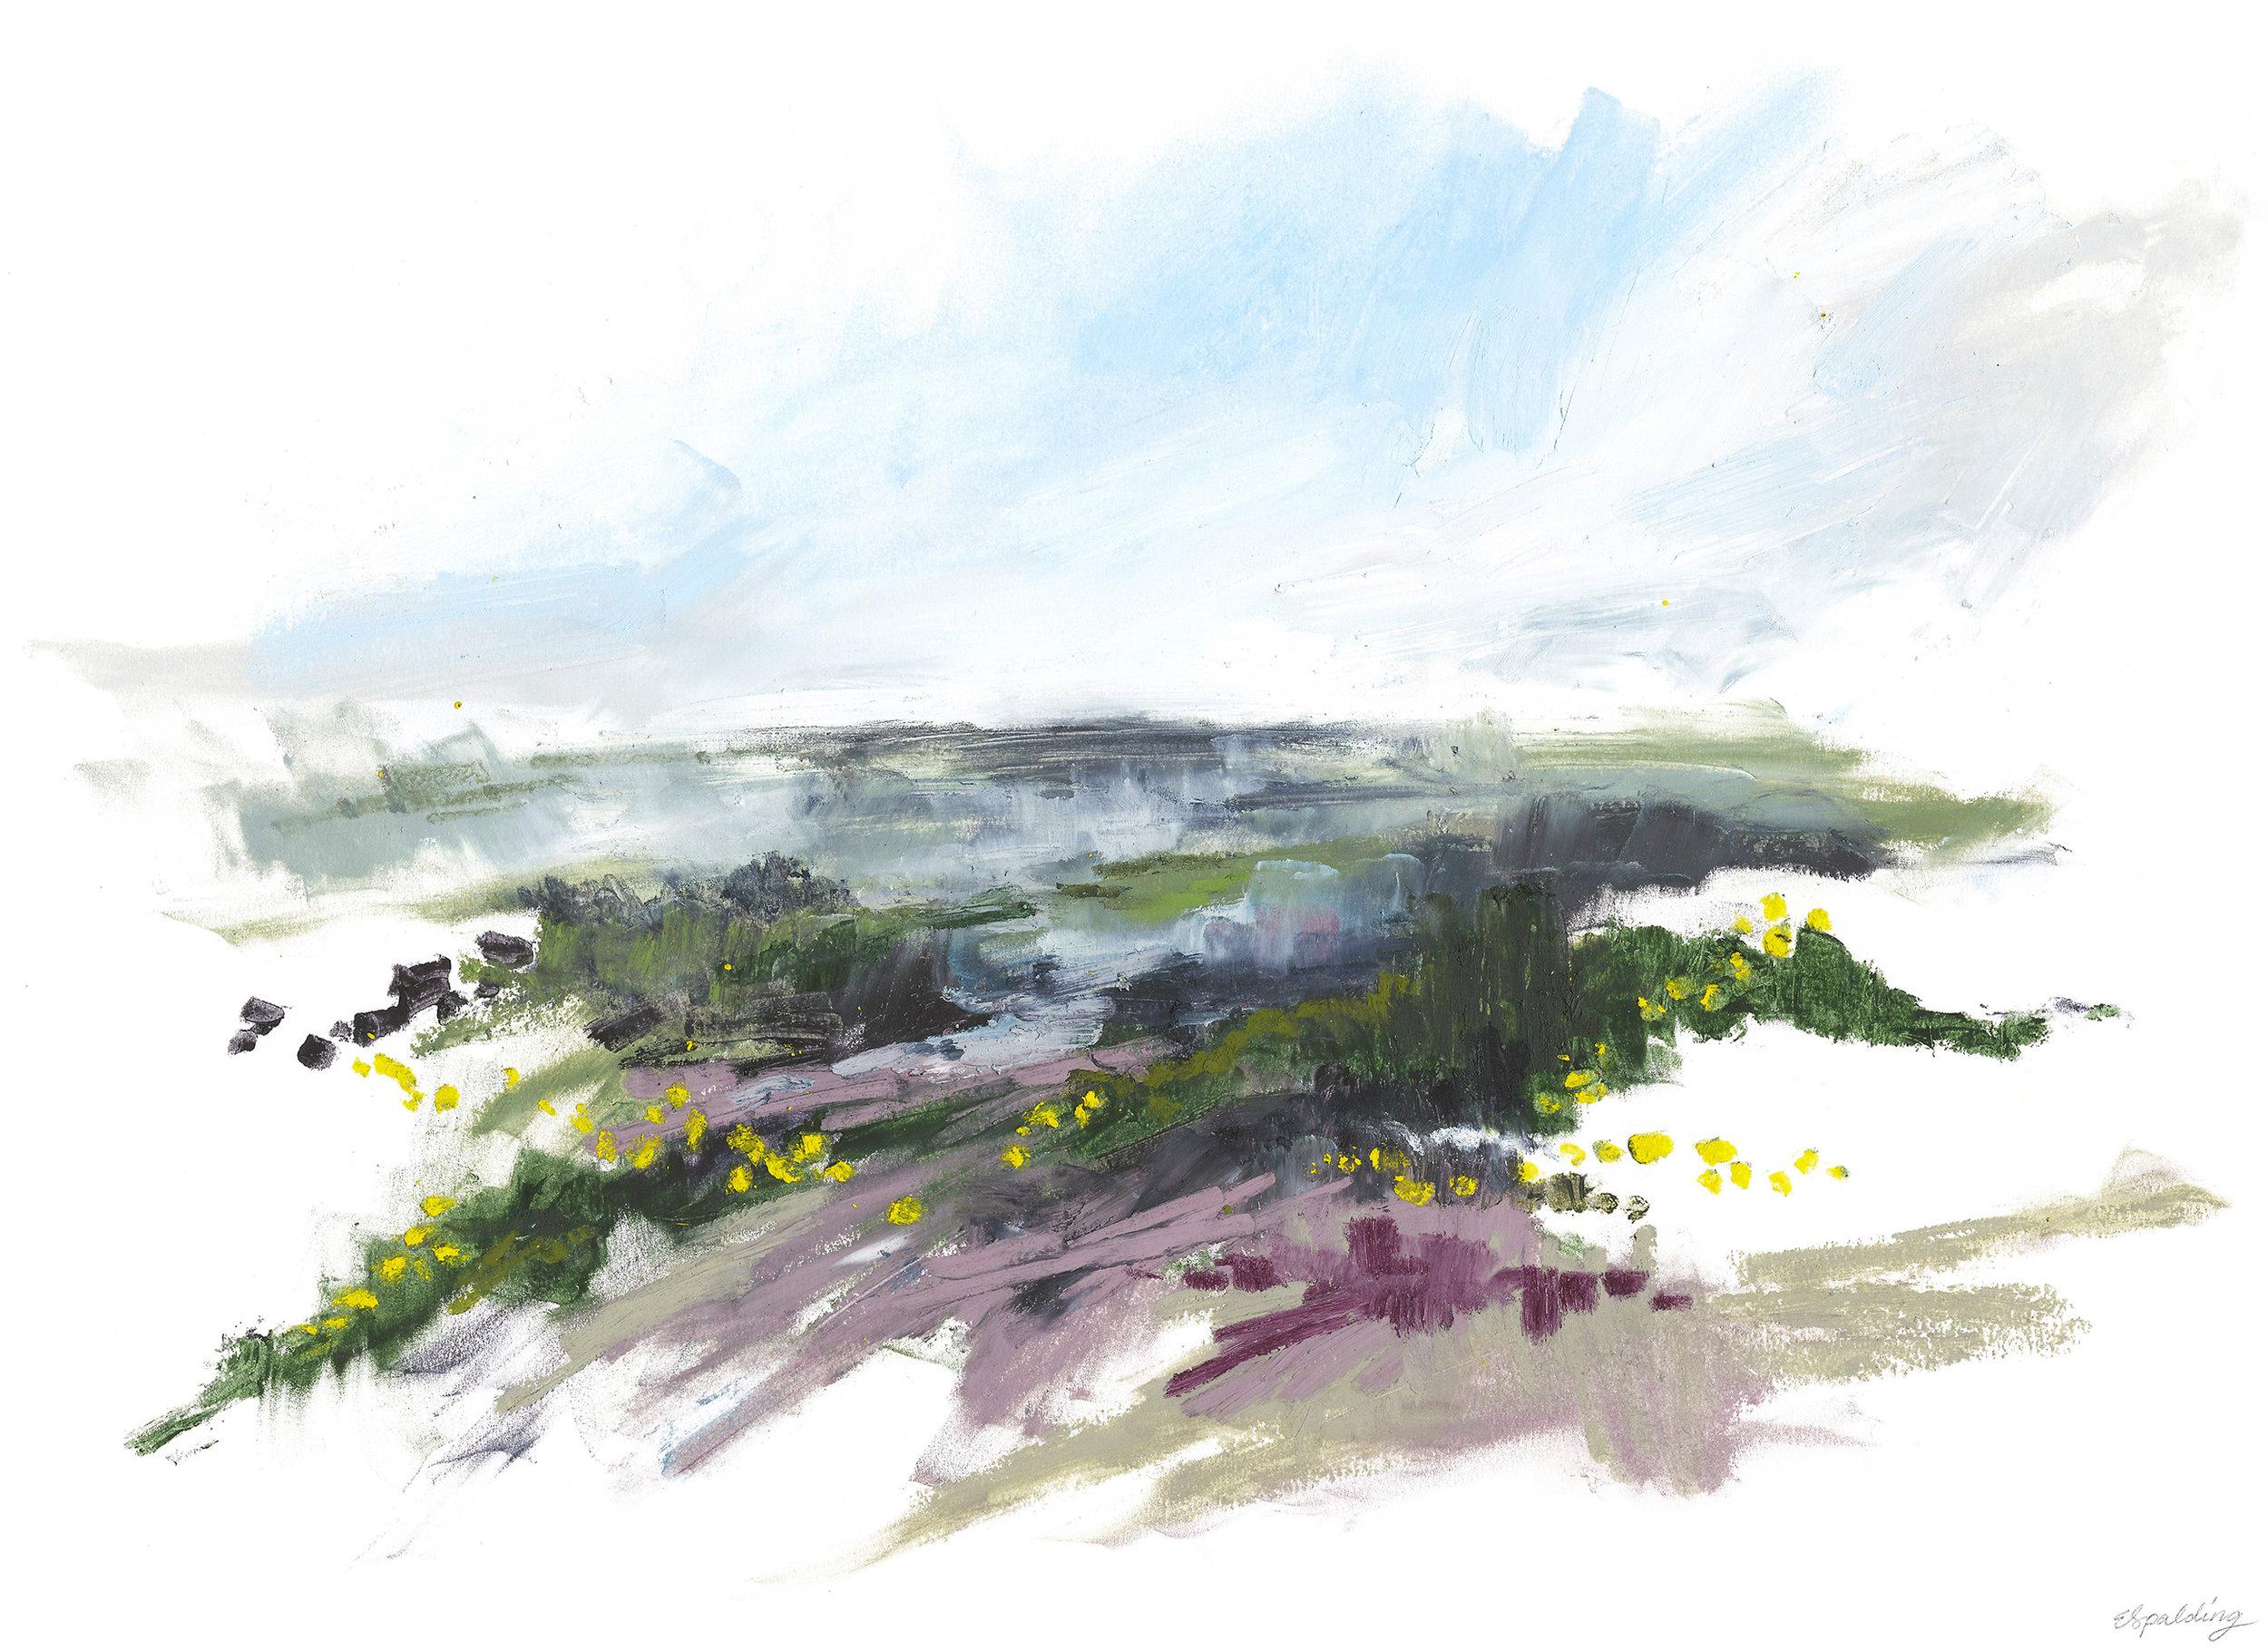 I. Studland Heath Series